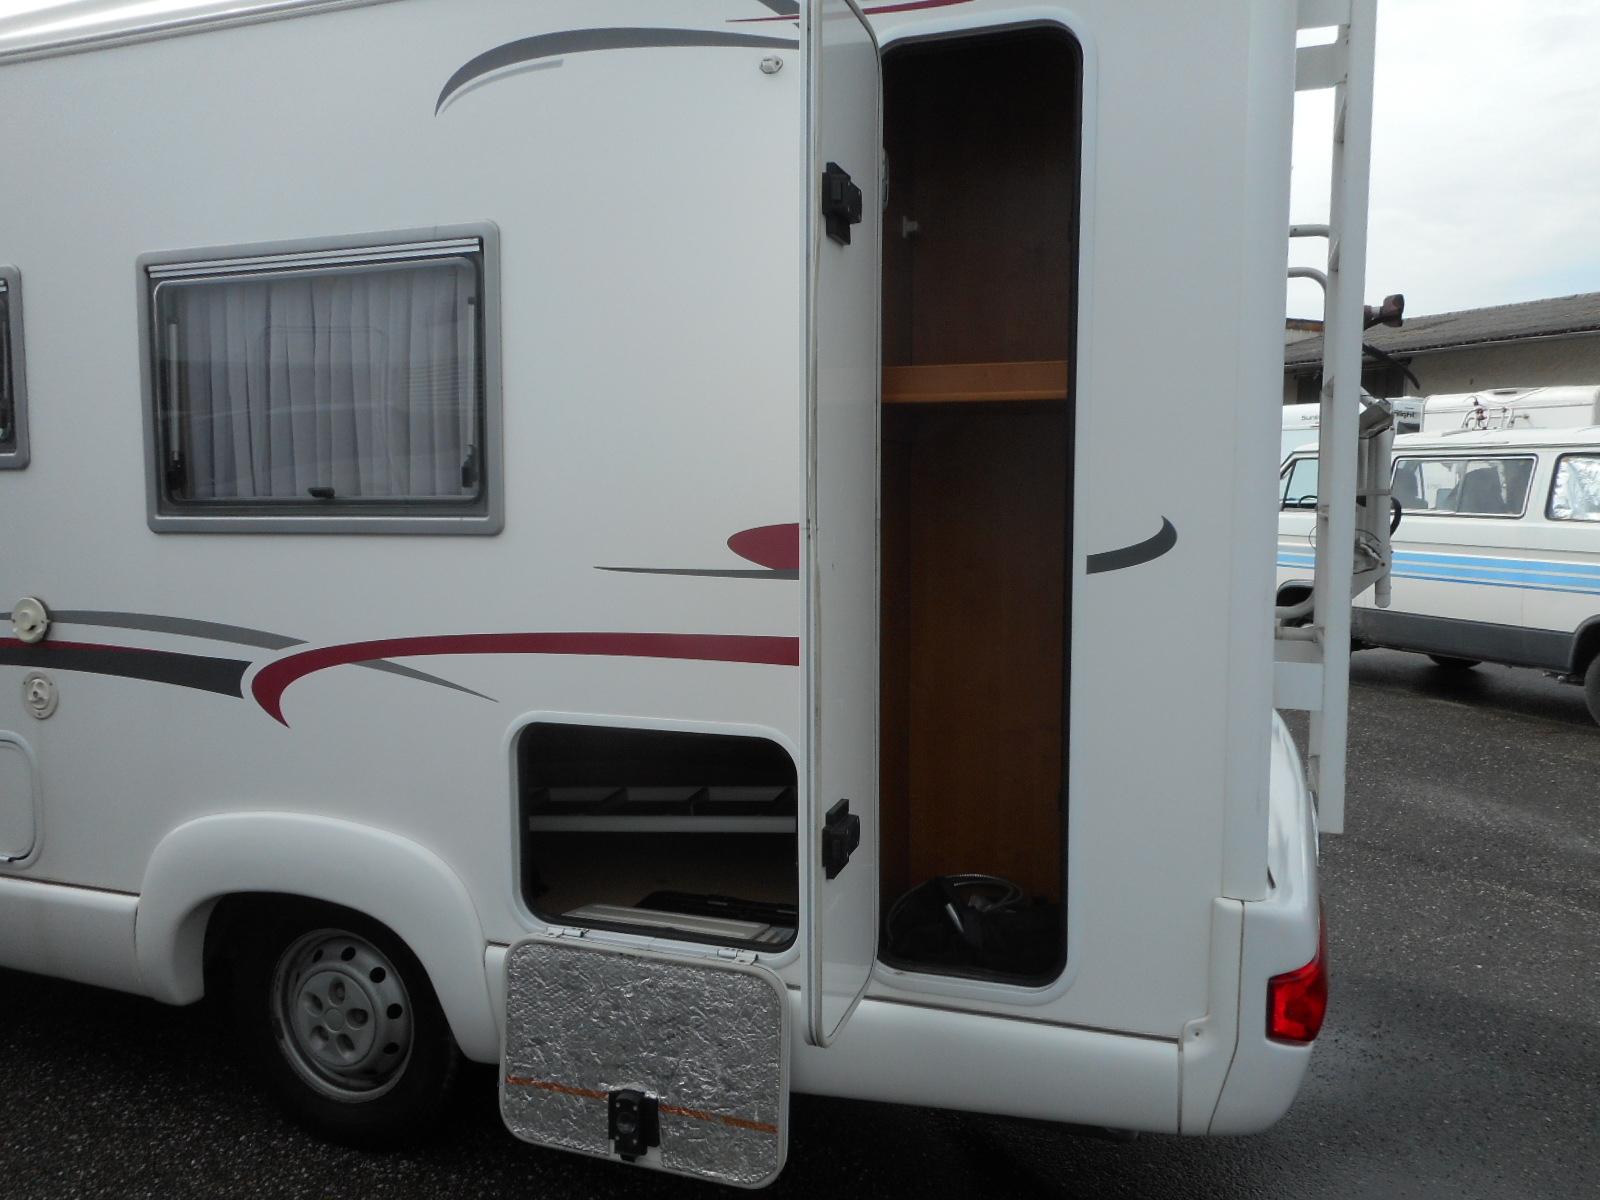 rapido 7099 c occasion de 2006 citroen camping car en vente villeneuve sur lot lot et. Black Bedroom Furniture Sets. Home Design Ideas